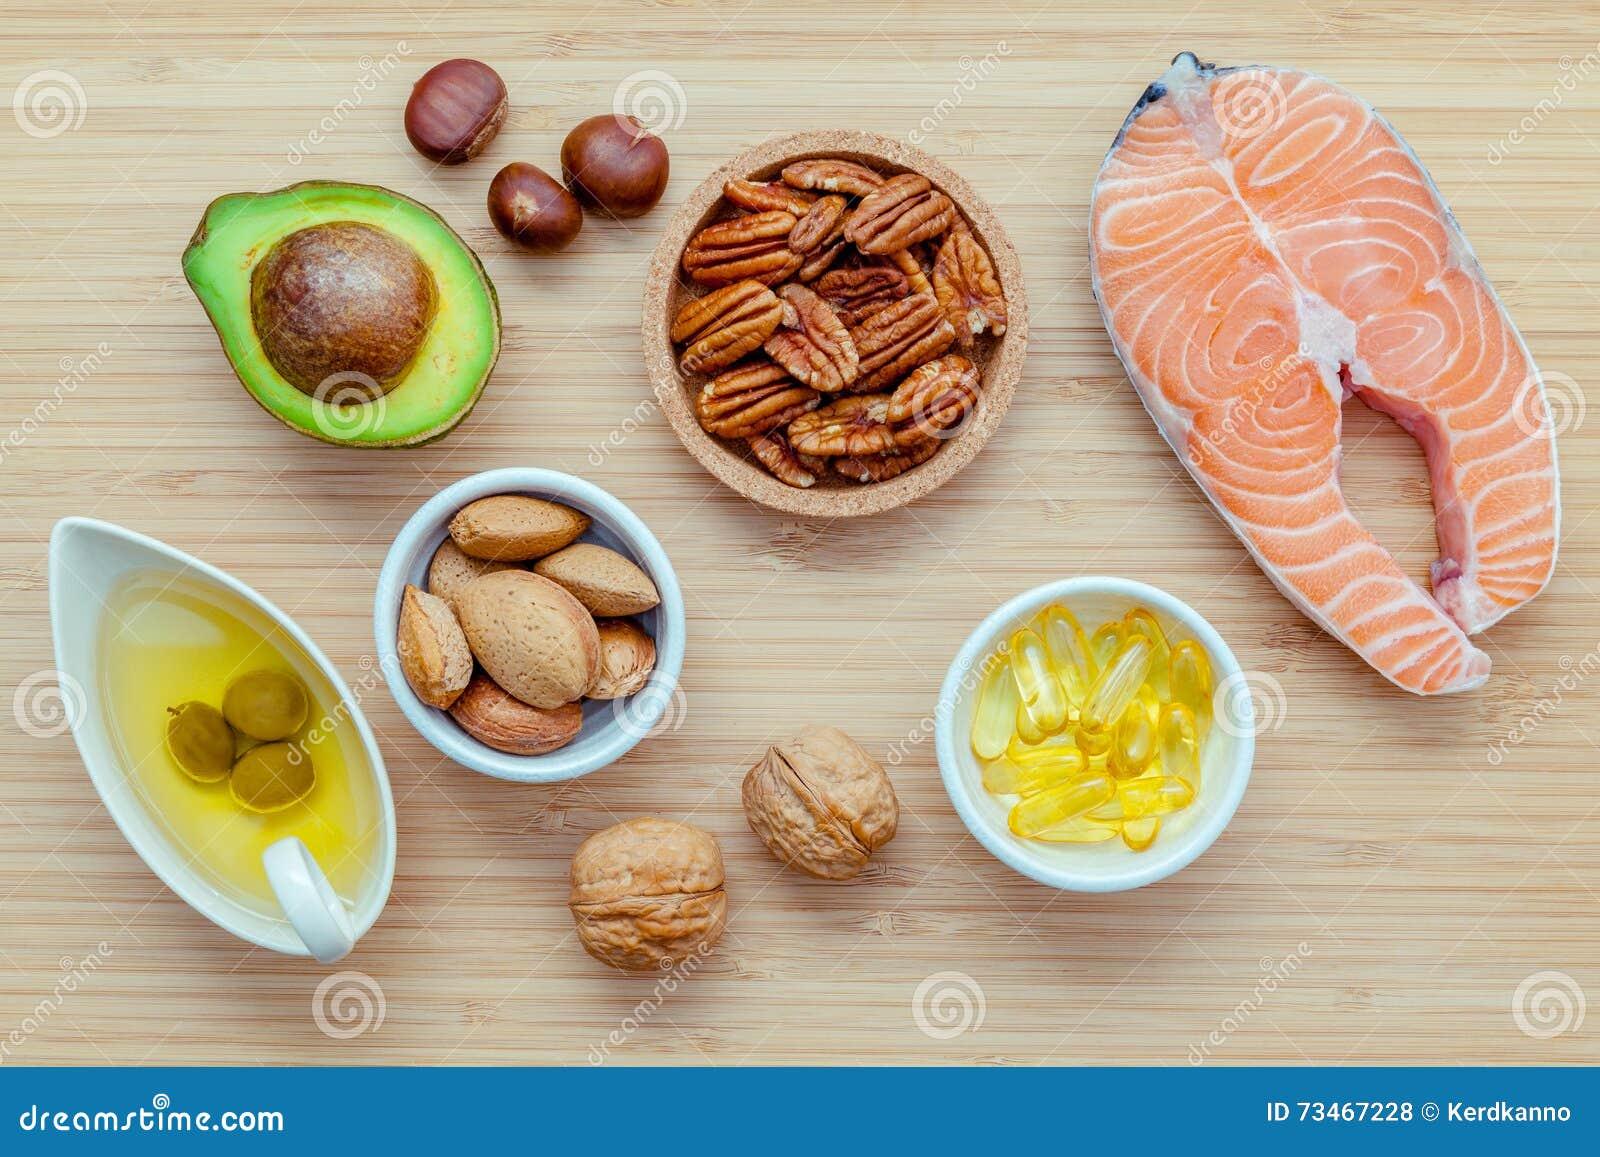 Fontes do alimento da seleção da ômega 3 e de gorduras não saturadas FO super